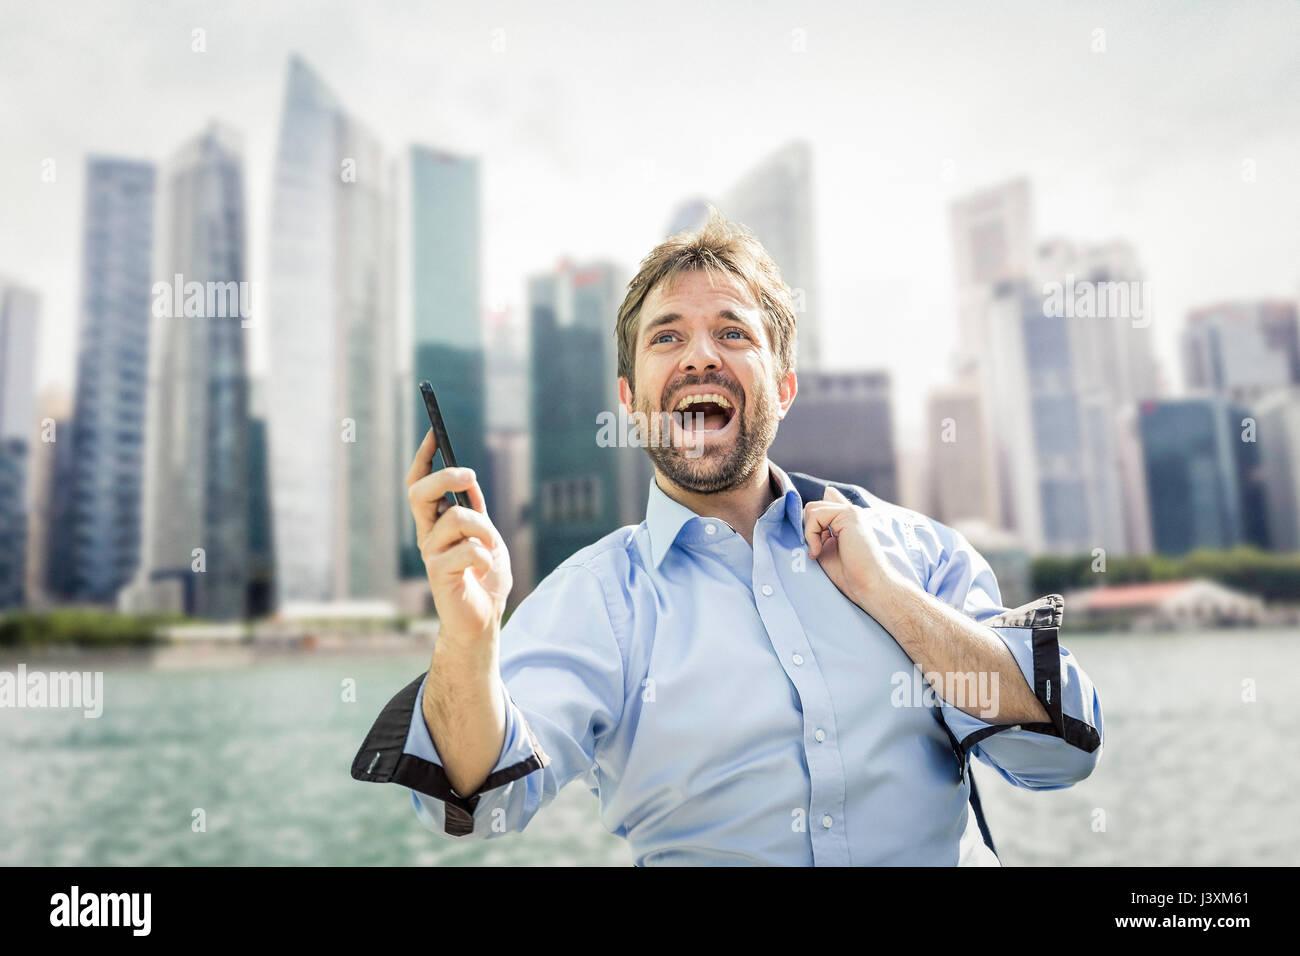 Imprenditore estatica holding di smartphone sul lungomare della città Immagini Stock